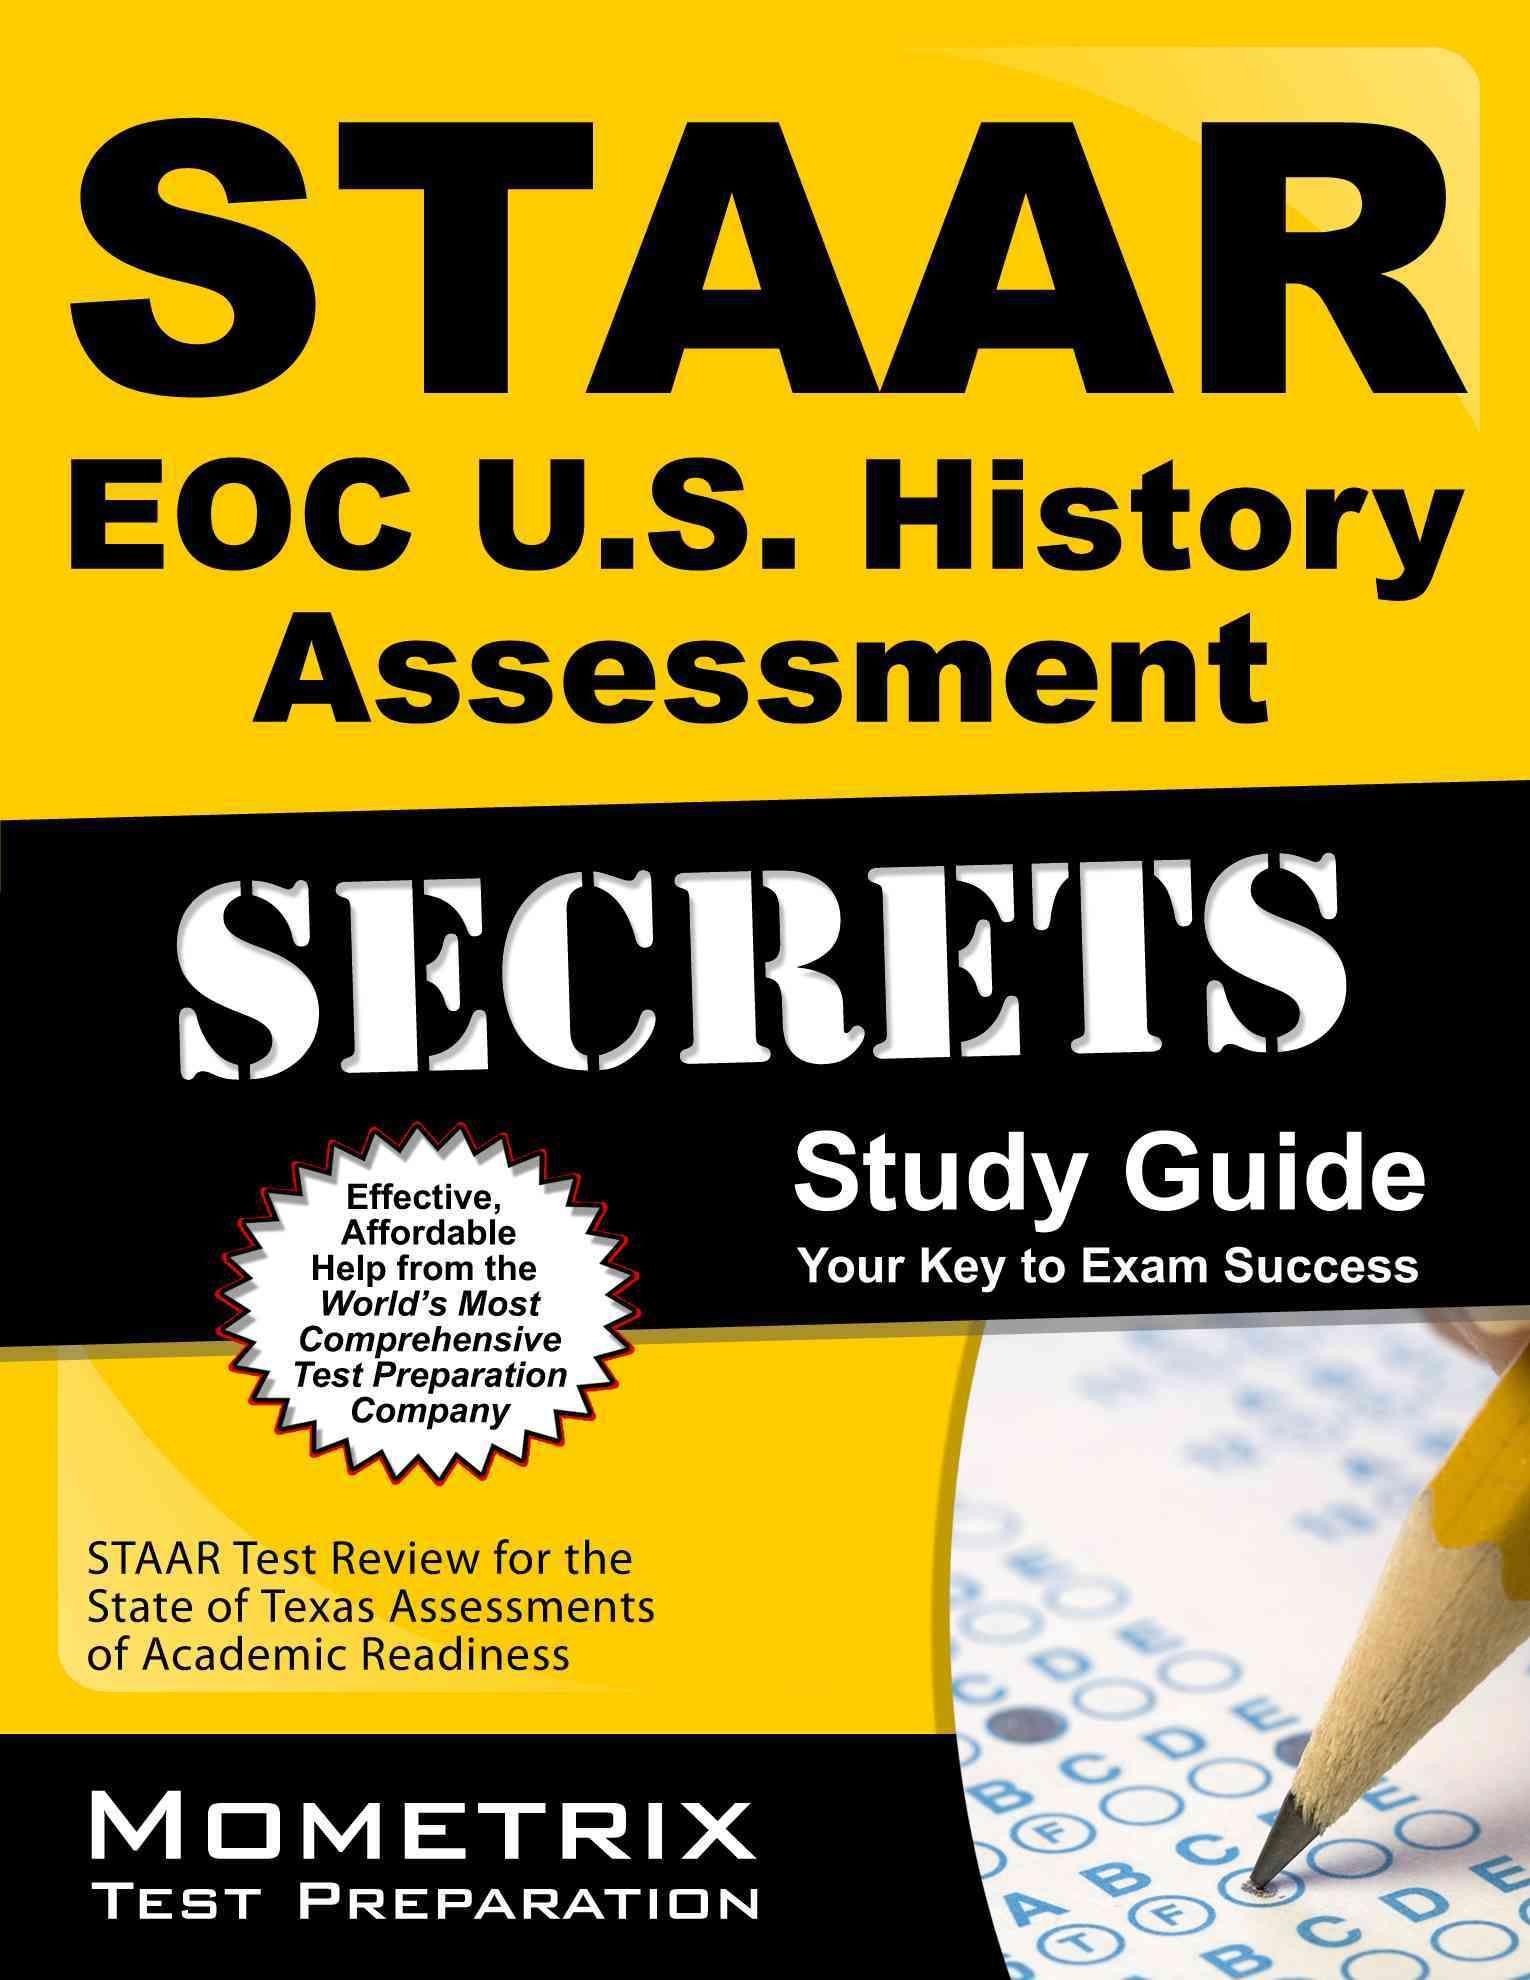 Staar Eoc Us History Assessment Secrets Study Guide Staar Test